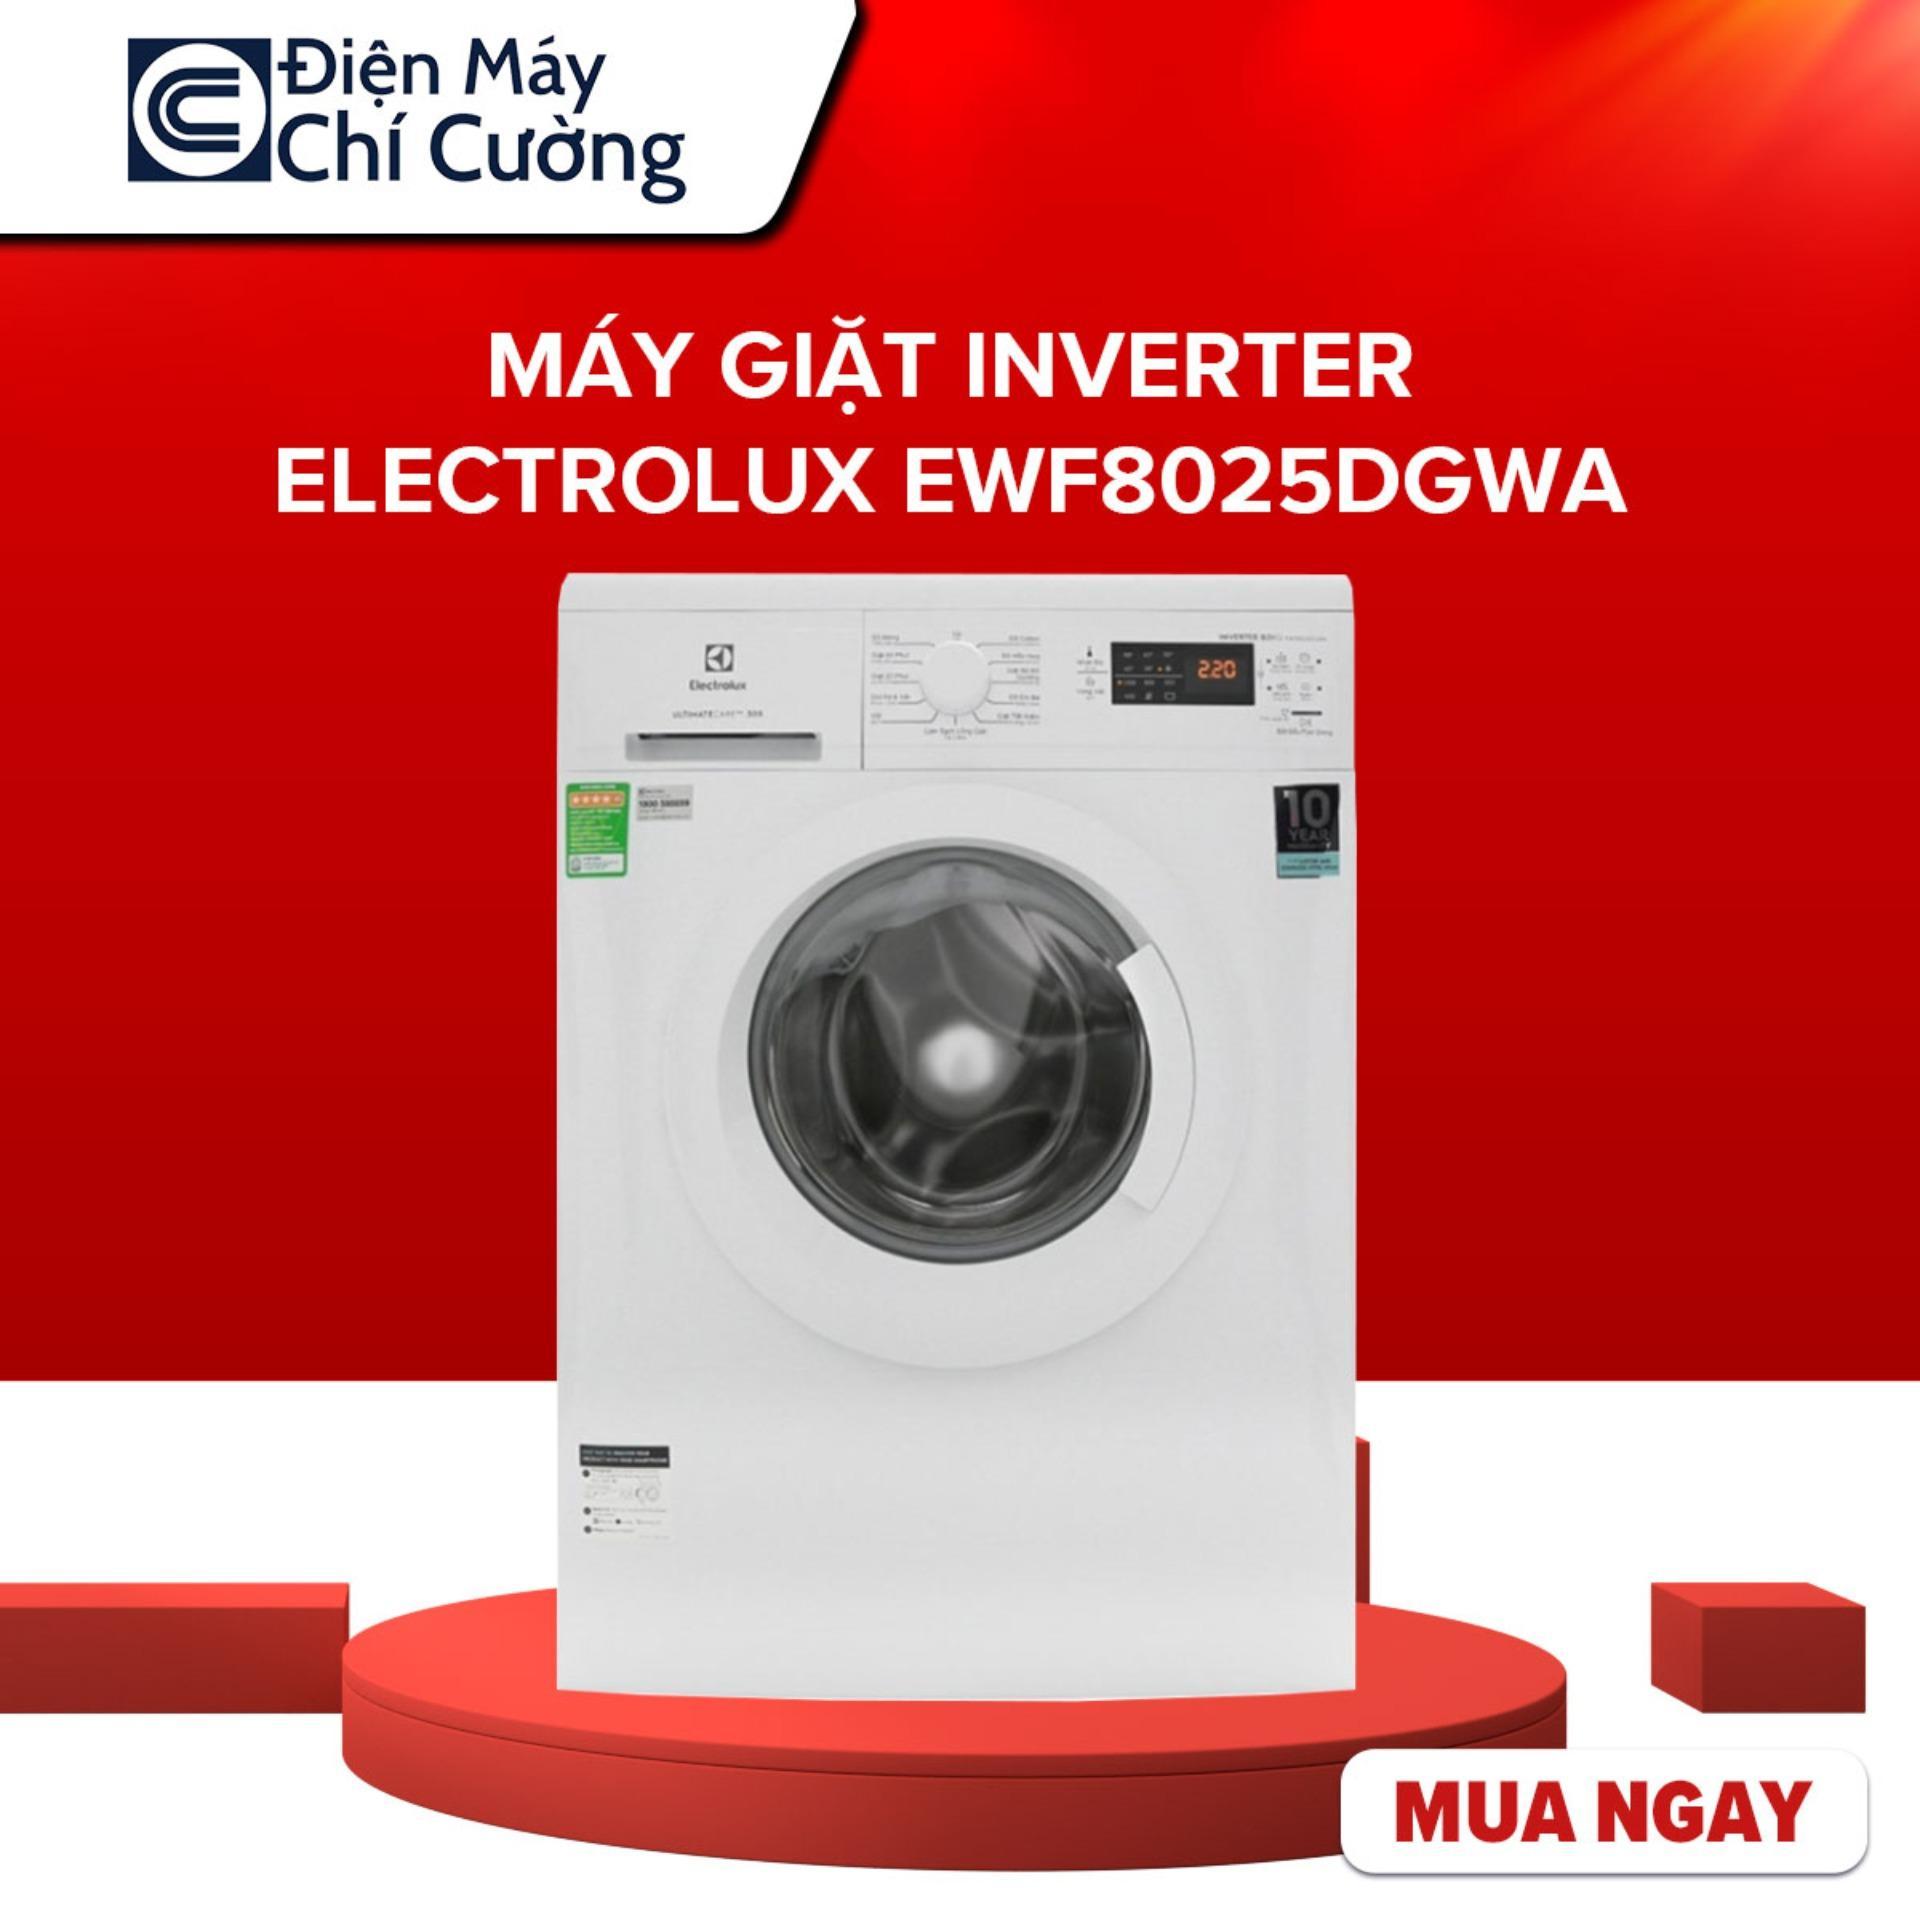 Máy Giặt Inverter Electrolux EWF8025DGWA 8kg, Tốc độ Quay Vắt 1200 Vòng/phút, Lồng Giặt HIVE Hình Tổ Ong, Bảo Hành 2 Năm Giá Cực Cool